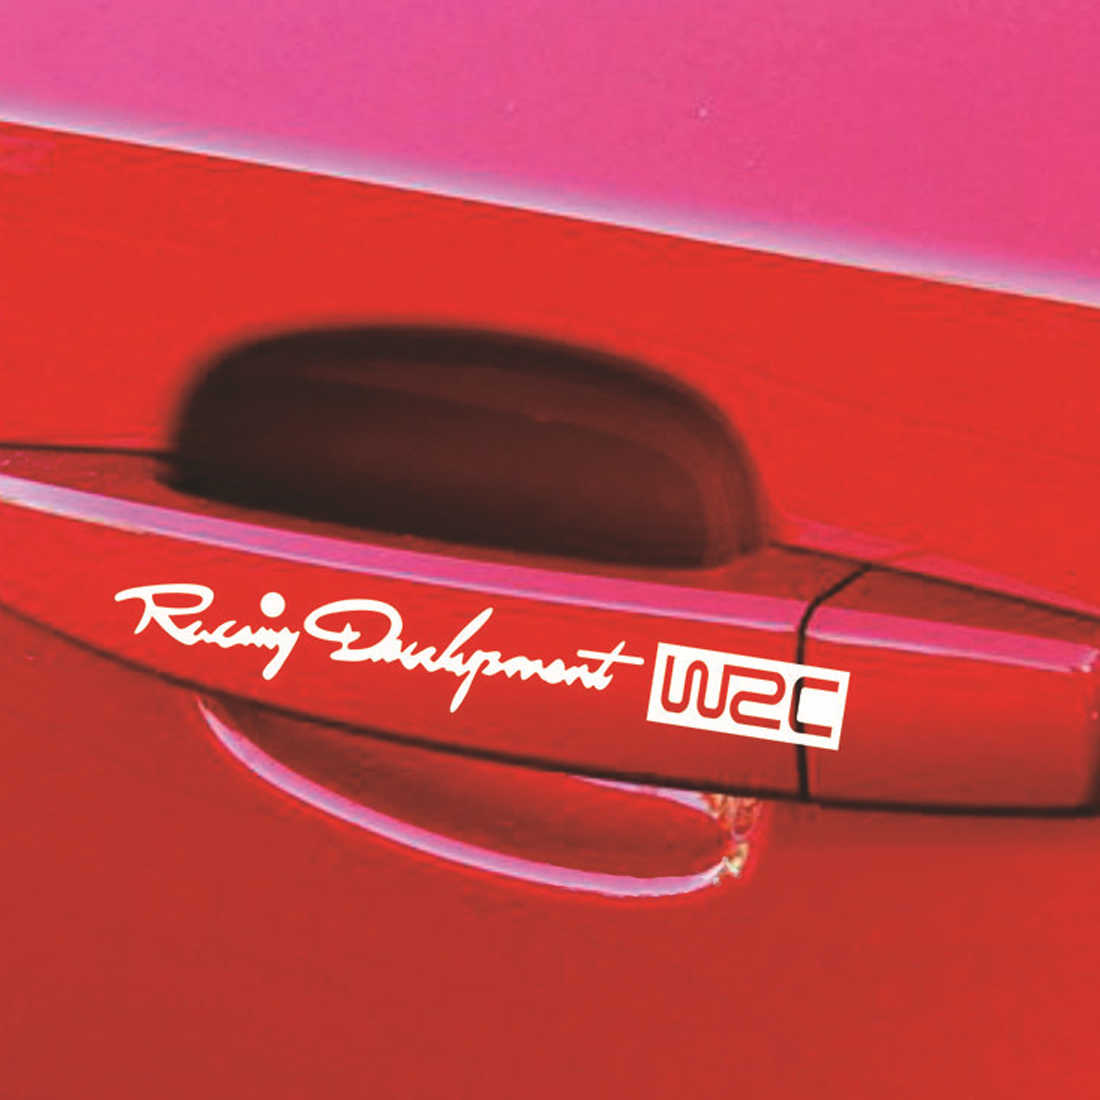 Dewtreetali 4 шт. WRC Автомобильные Наклейки На дверные ручки и наклейки светоотражающие ралли автомобильные наклейки для toyota vw skoda